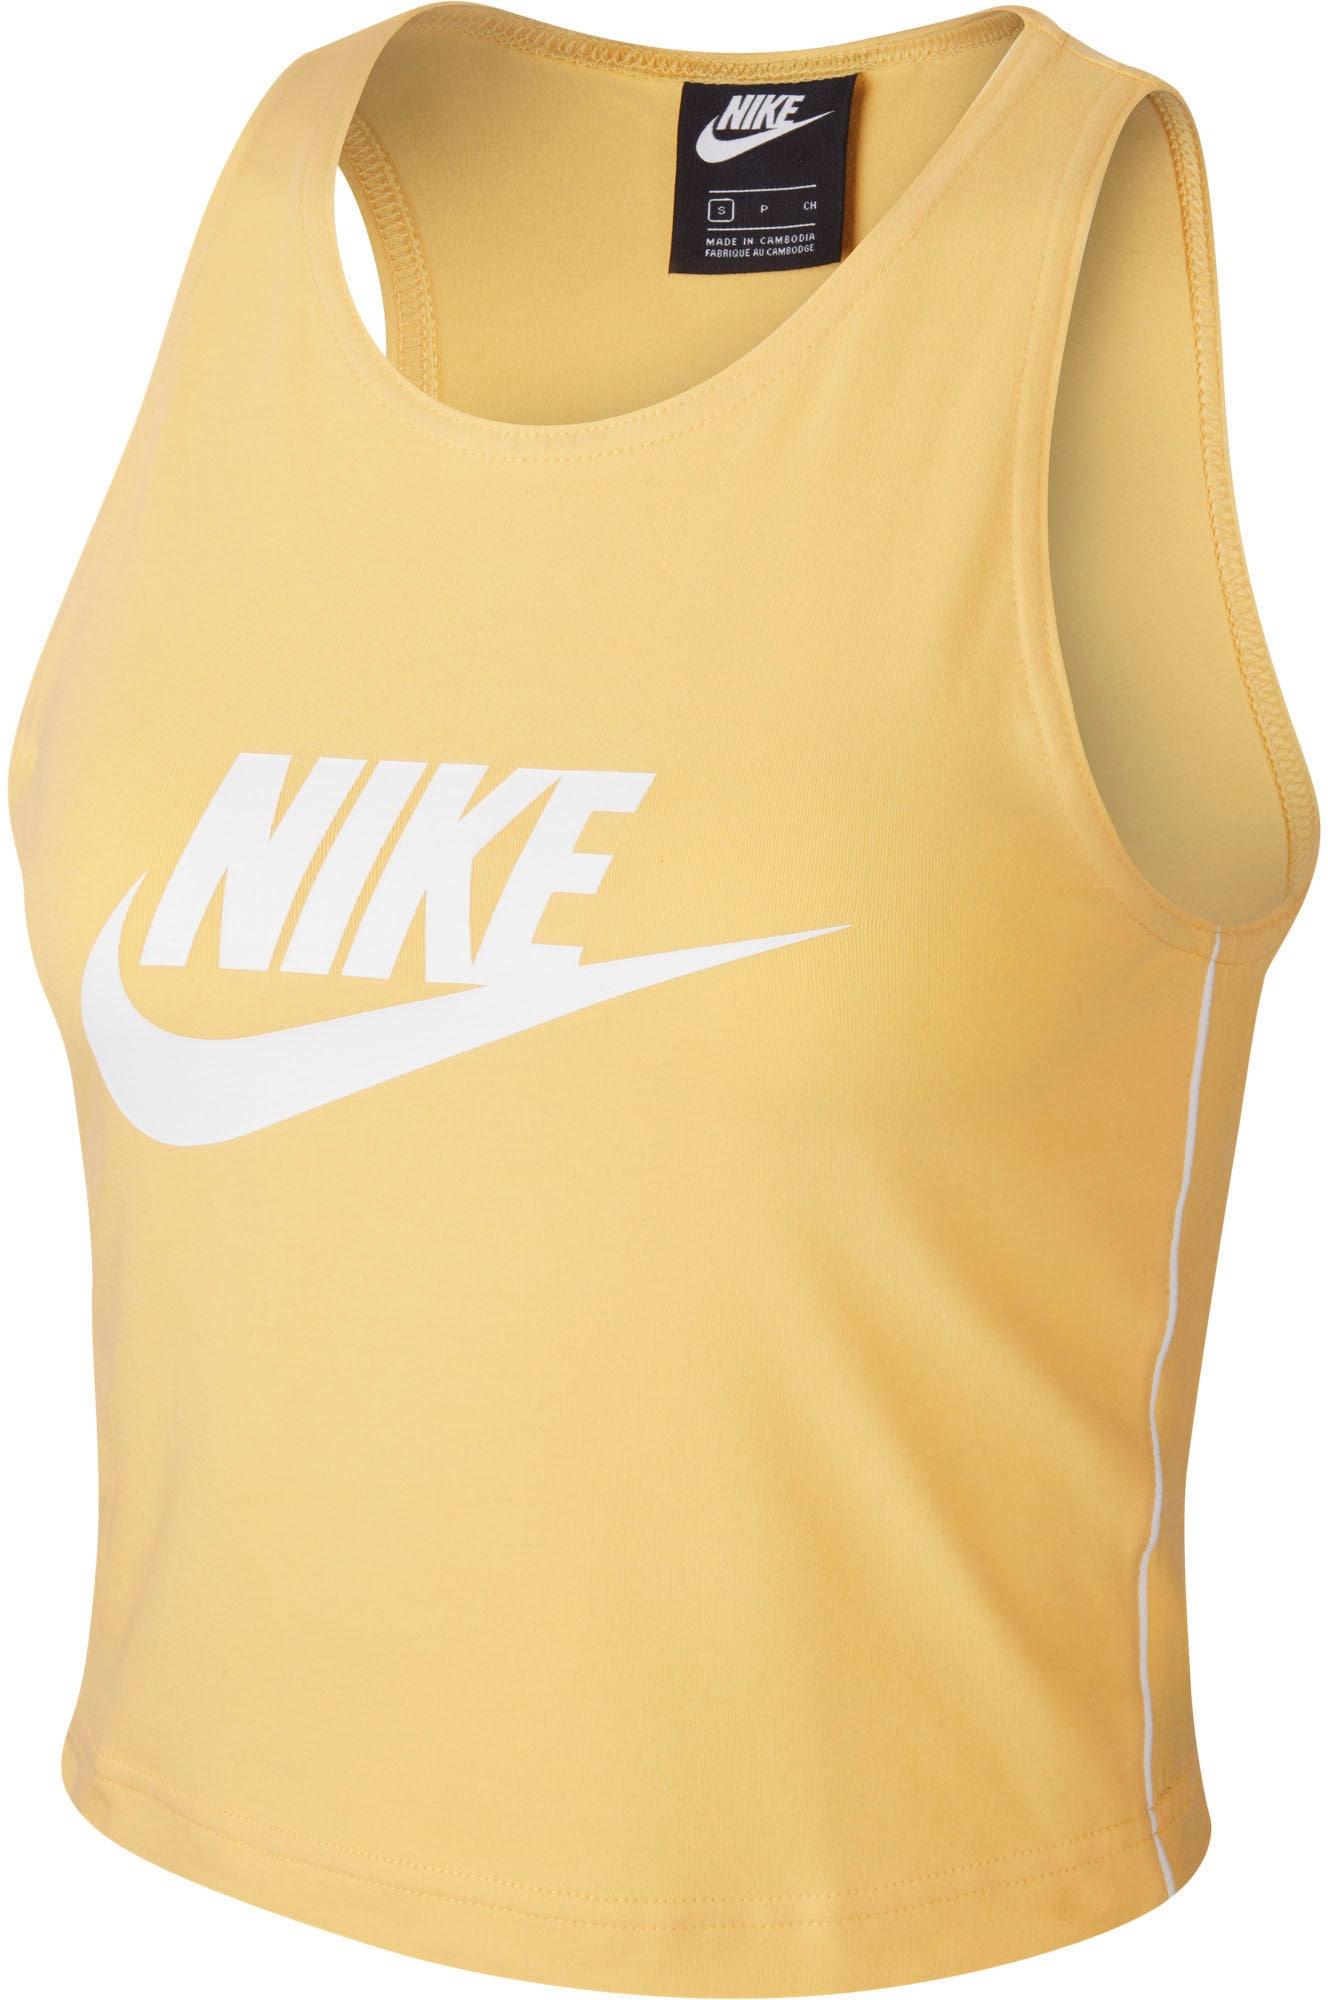 nike sportswear -  Tanktop W NSW HERITAGE WOMAN`S TANK